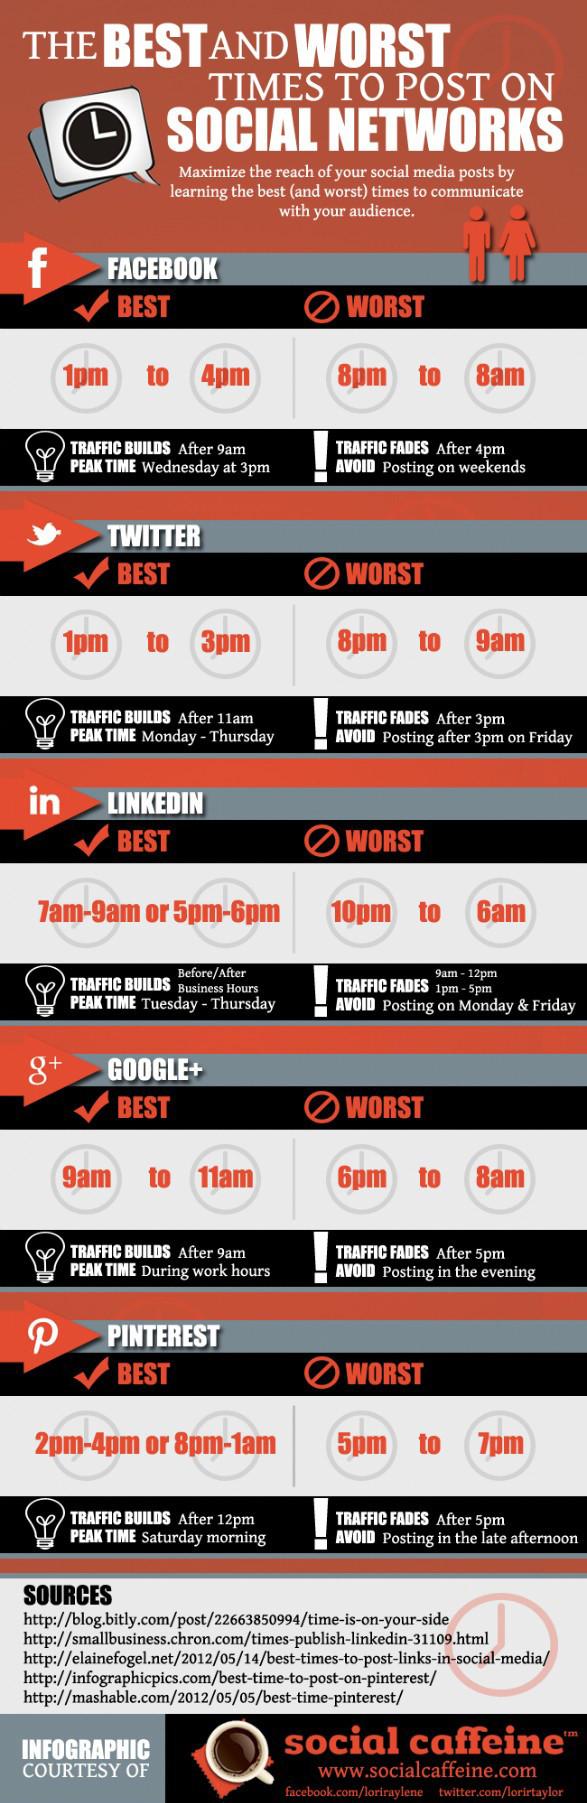 social-media-post-times.jpg